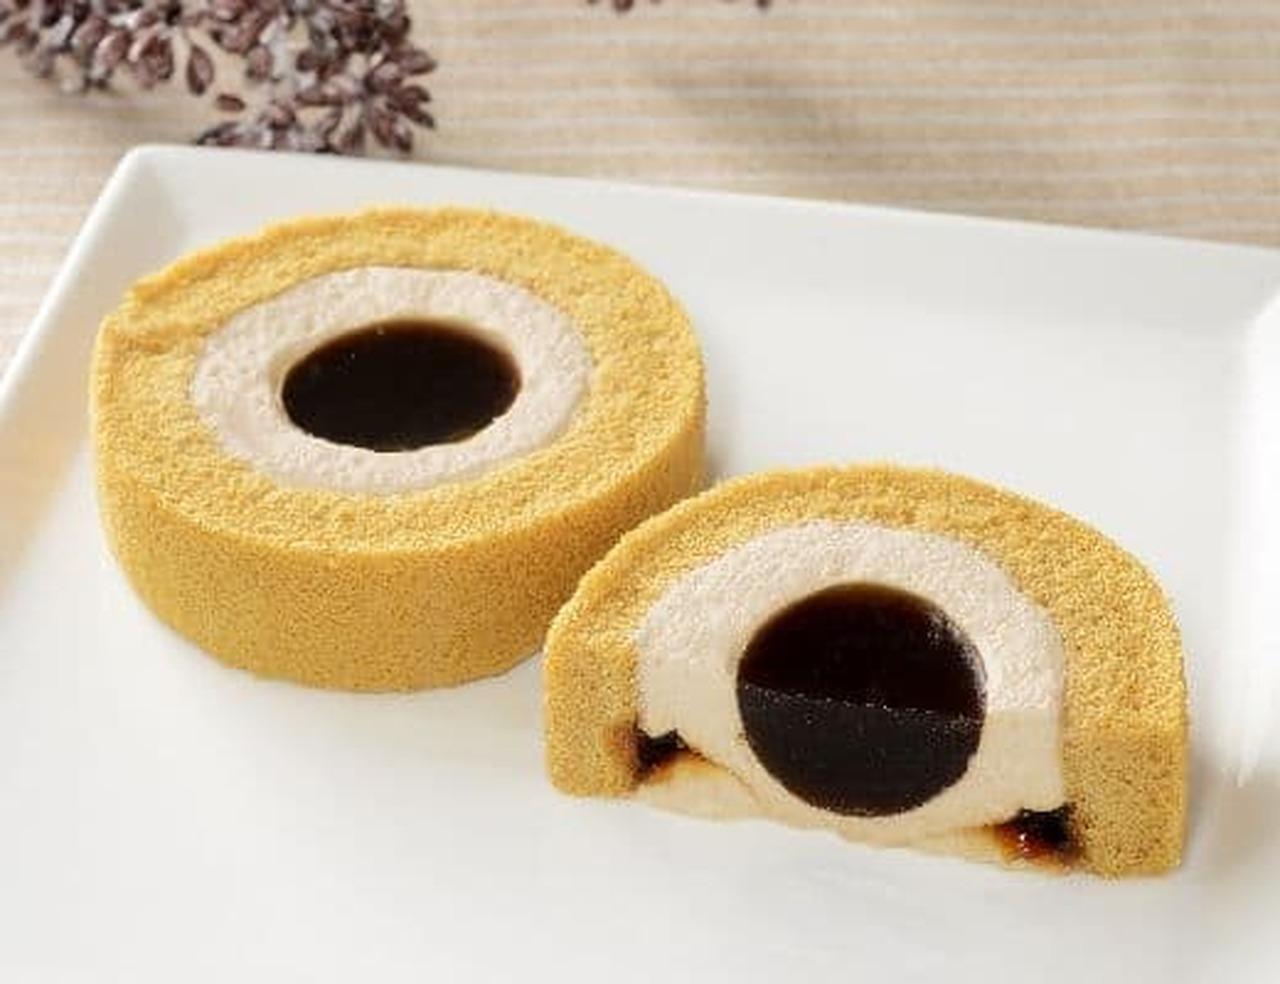 ローソン「黒糖ロールケーキ(沖縄県産黒糖の黒蜜使用)」